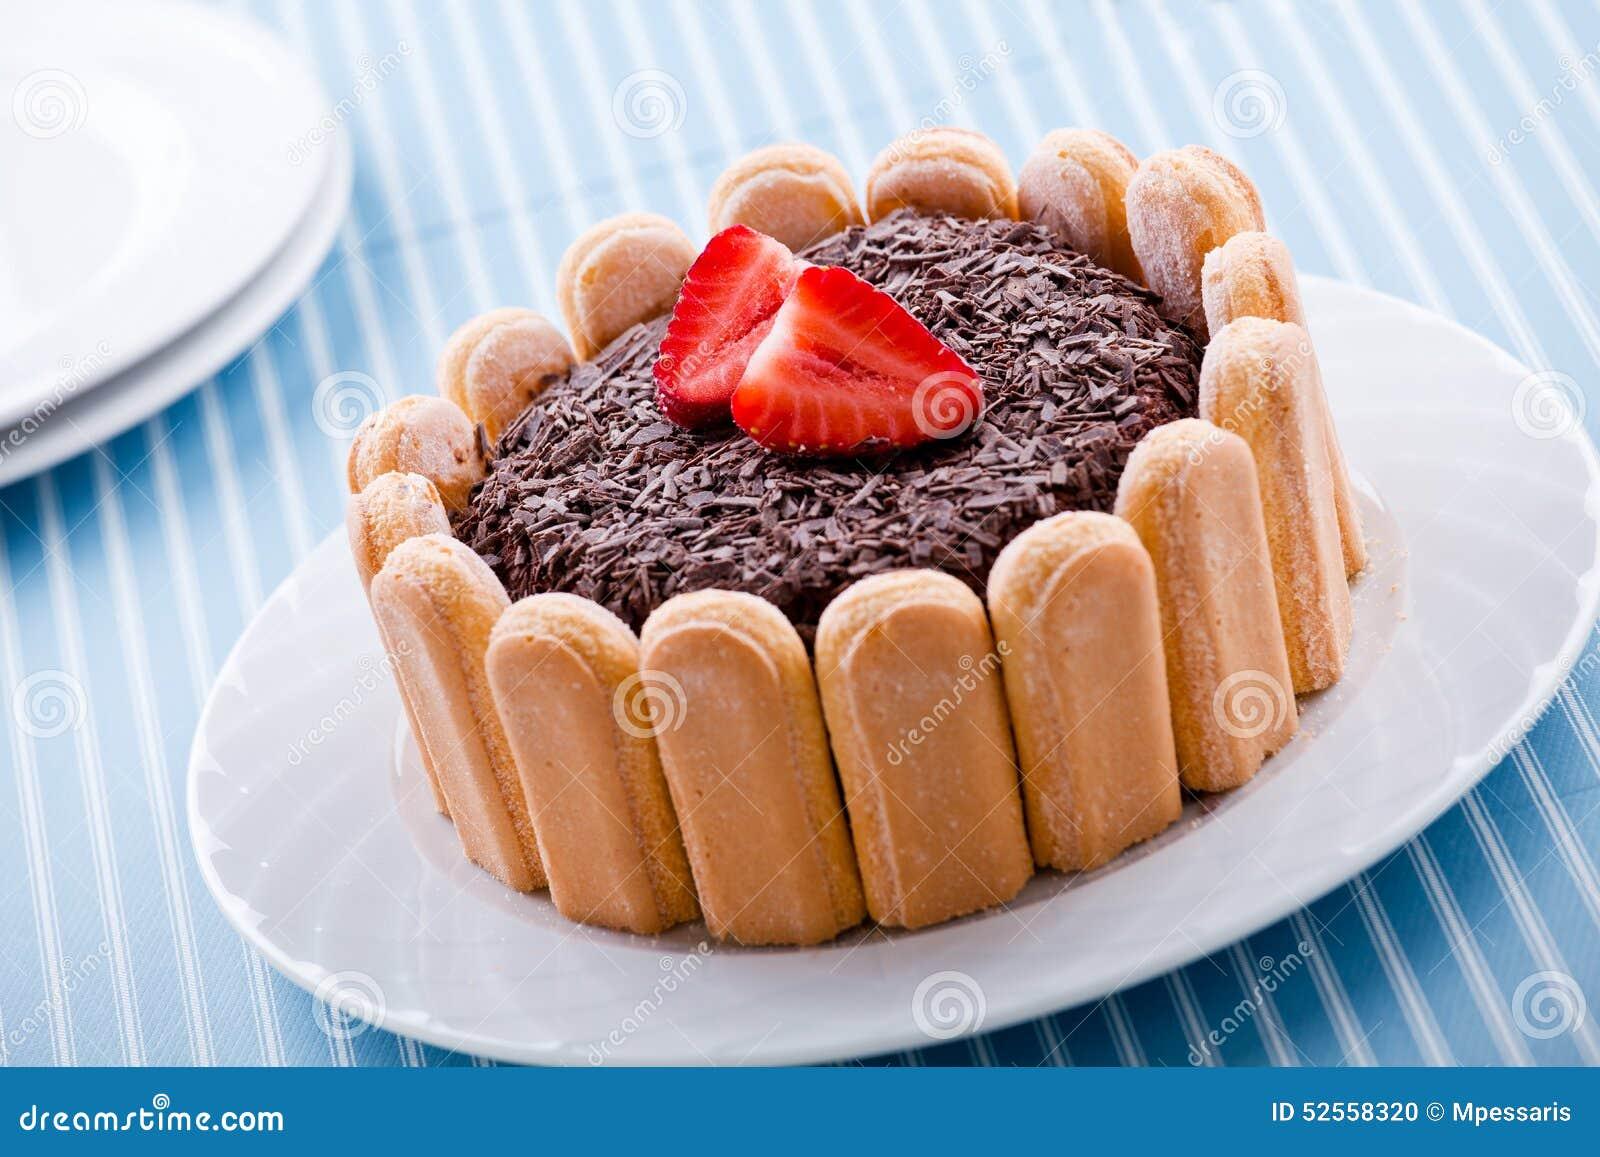 erdbeere und schokolade charlotte dessert stockfoto bild 52558320. Black Bedroom Furniture Sets. Home Design Ideas